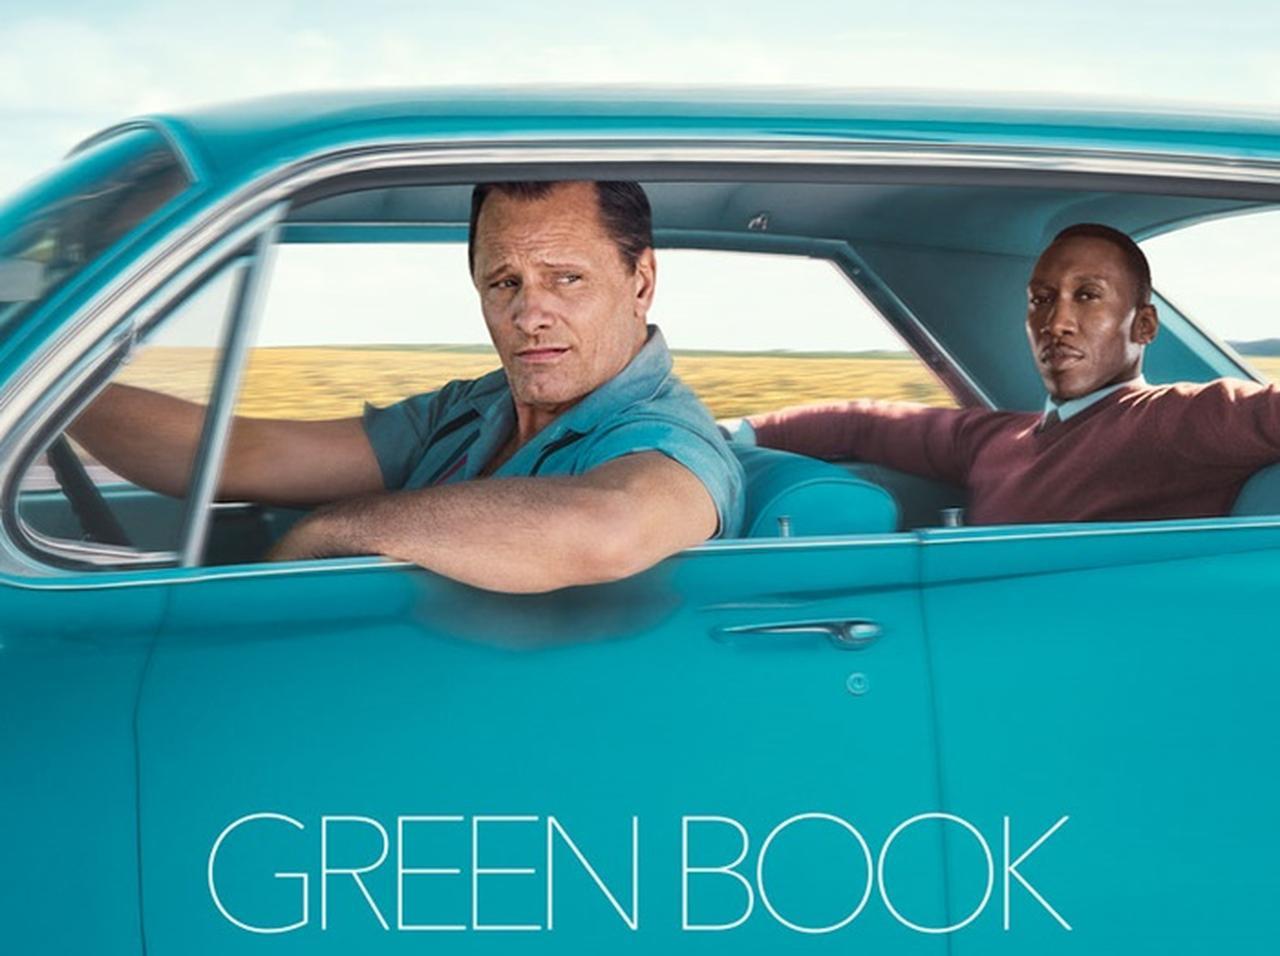 『グリーンブック』、演出みたいな「あのシーン」も実話だった!